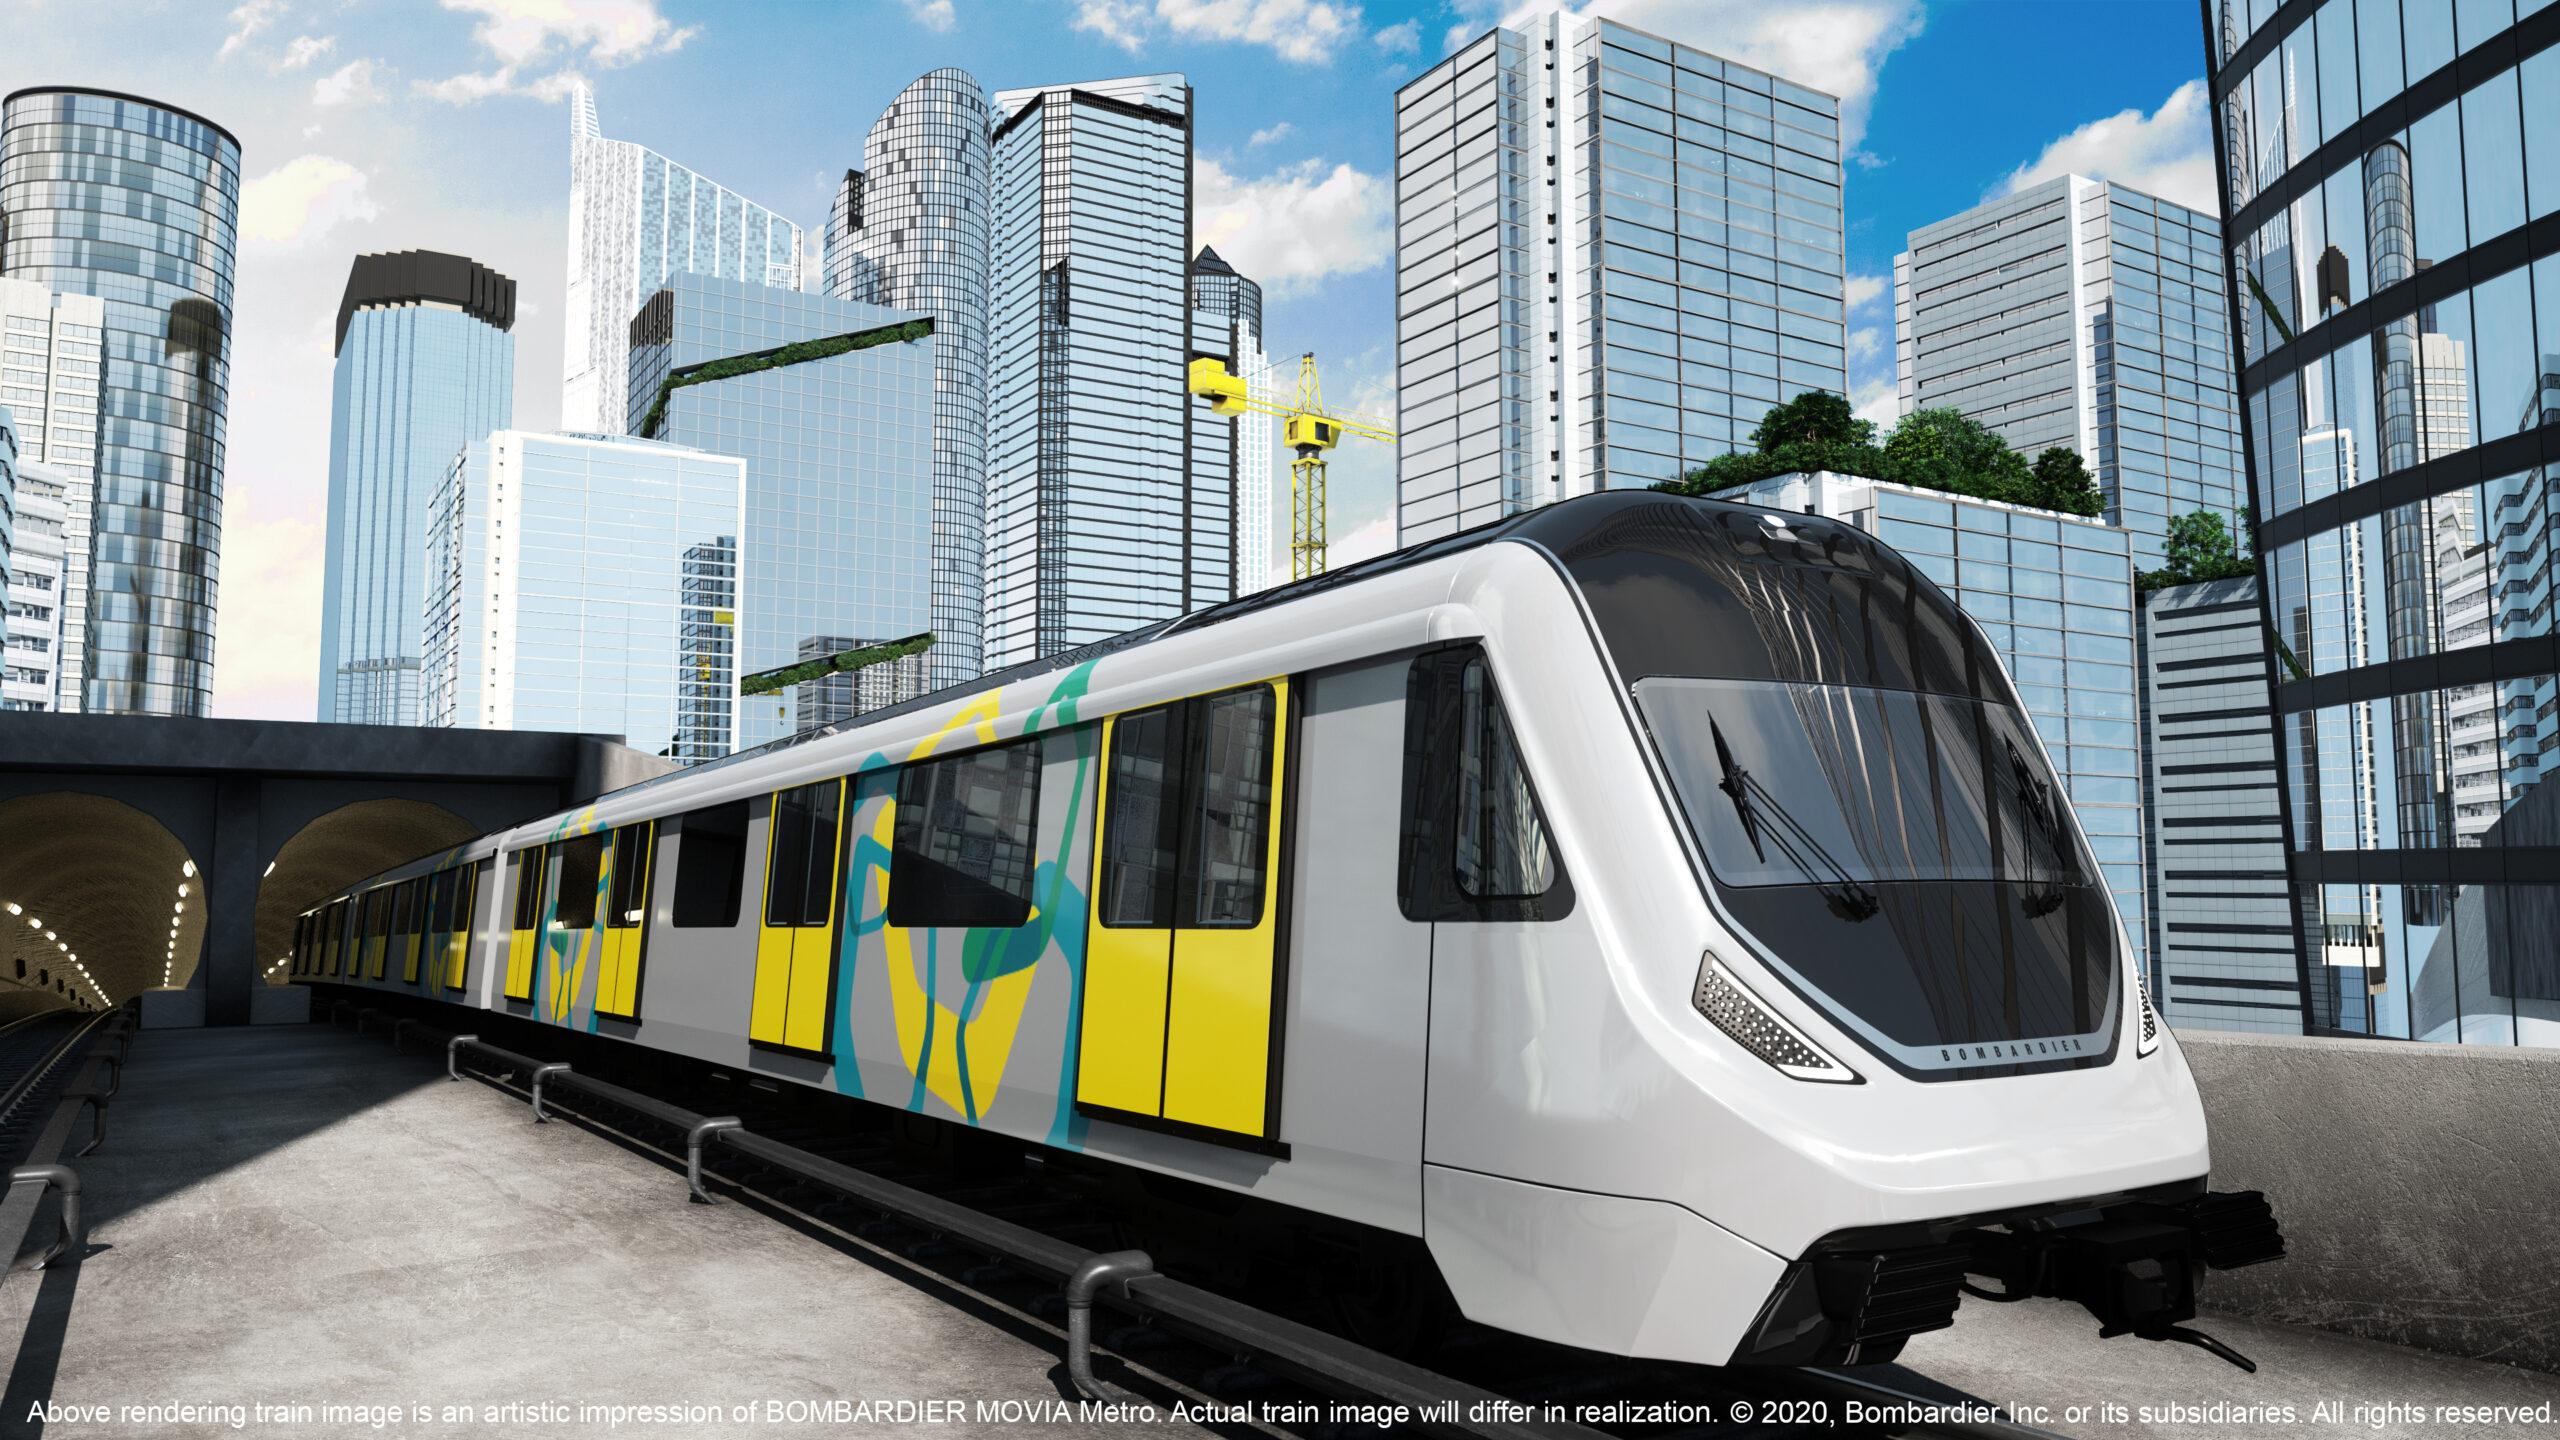 Bombardier MOVIA metro visualisation